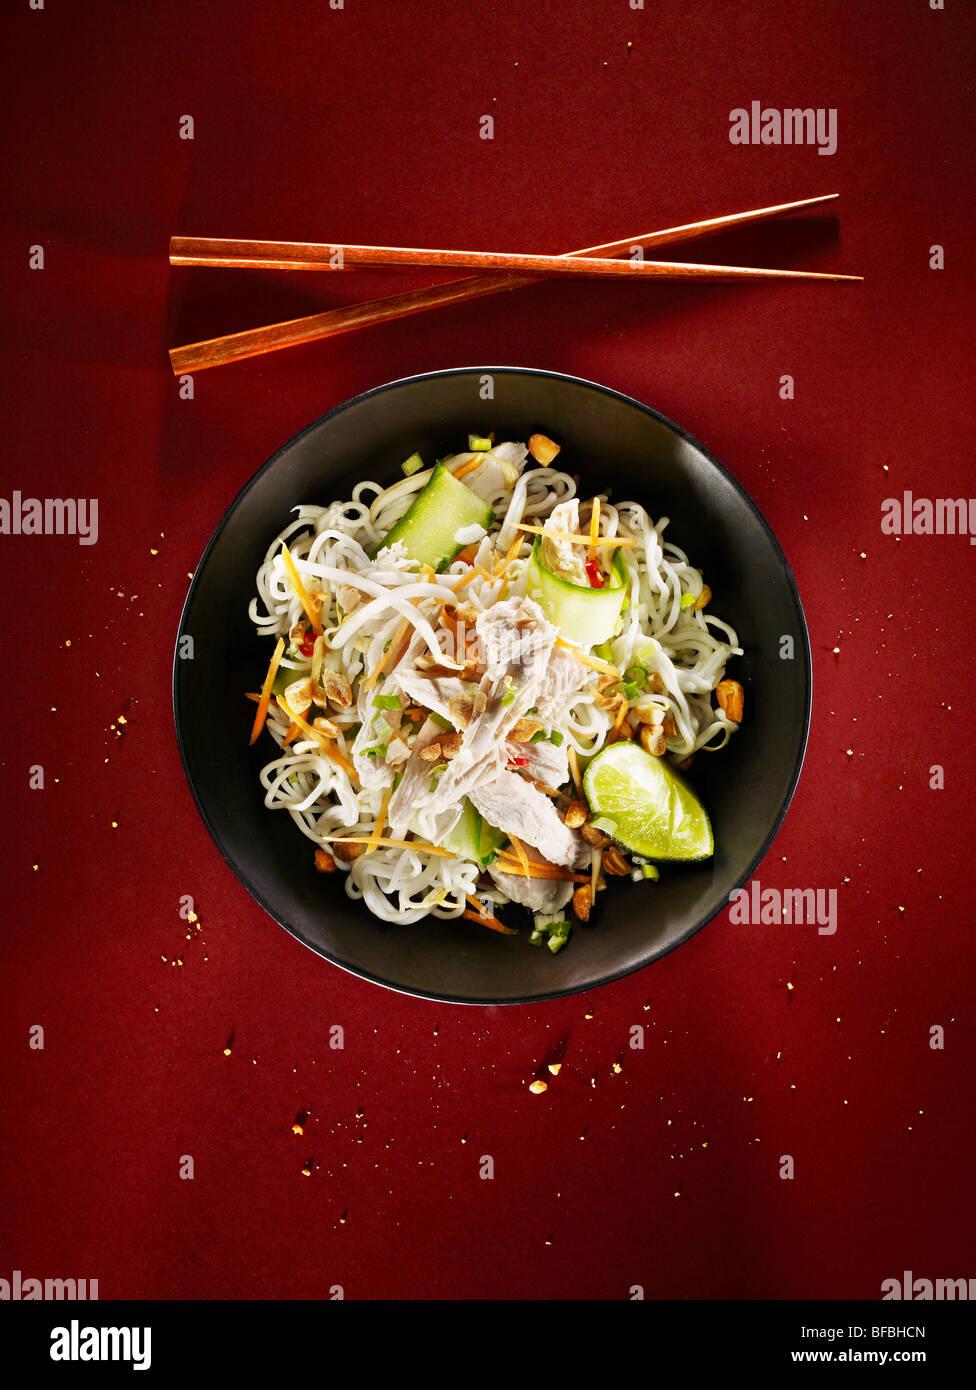 Spicy Chicken noodles, un plato de estilo asiático Imagen De Stock